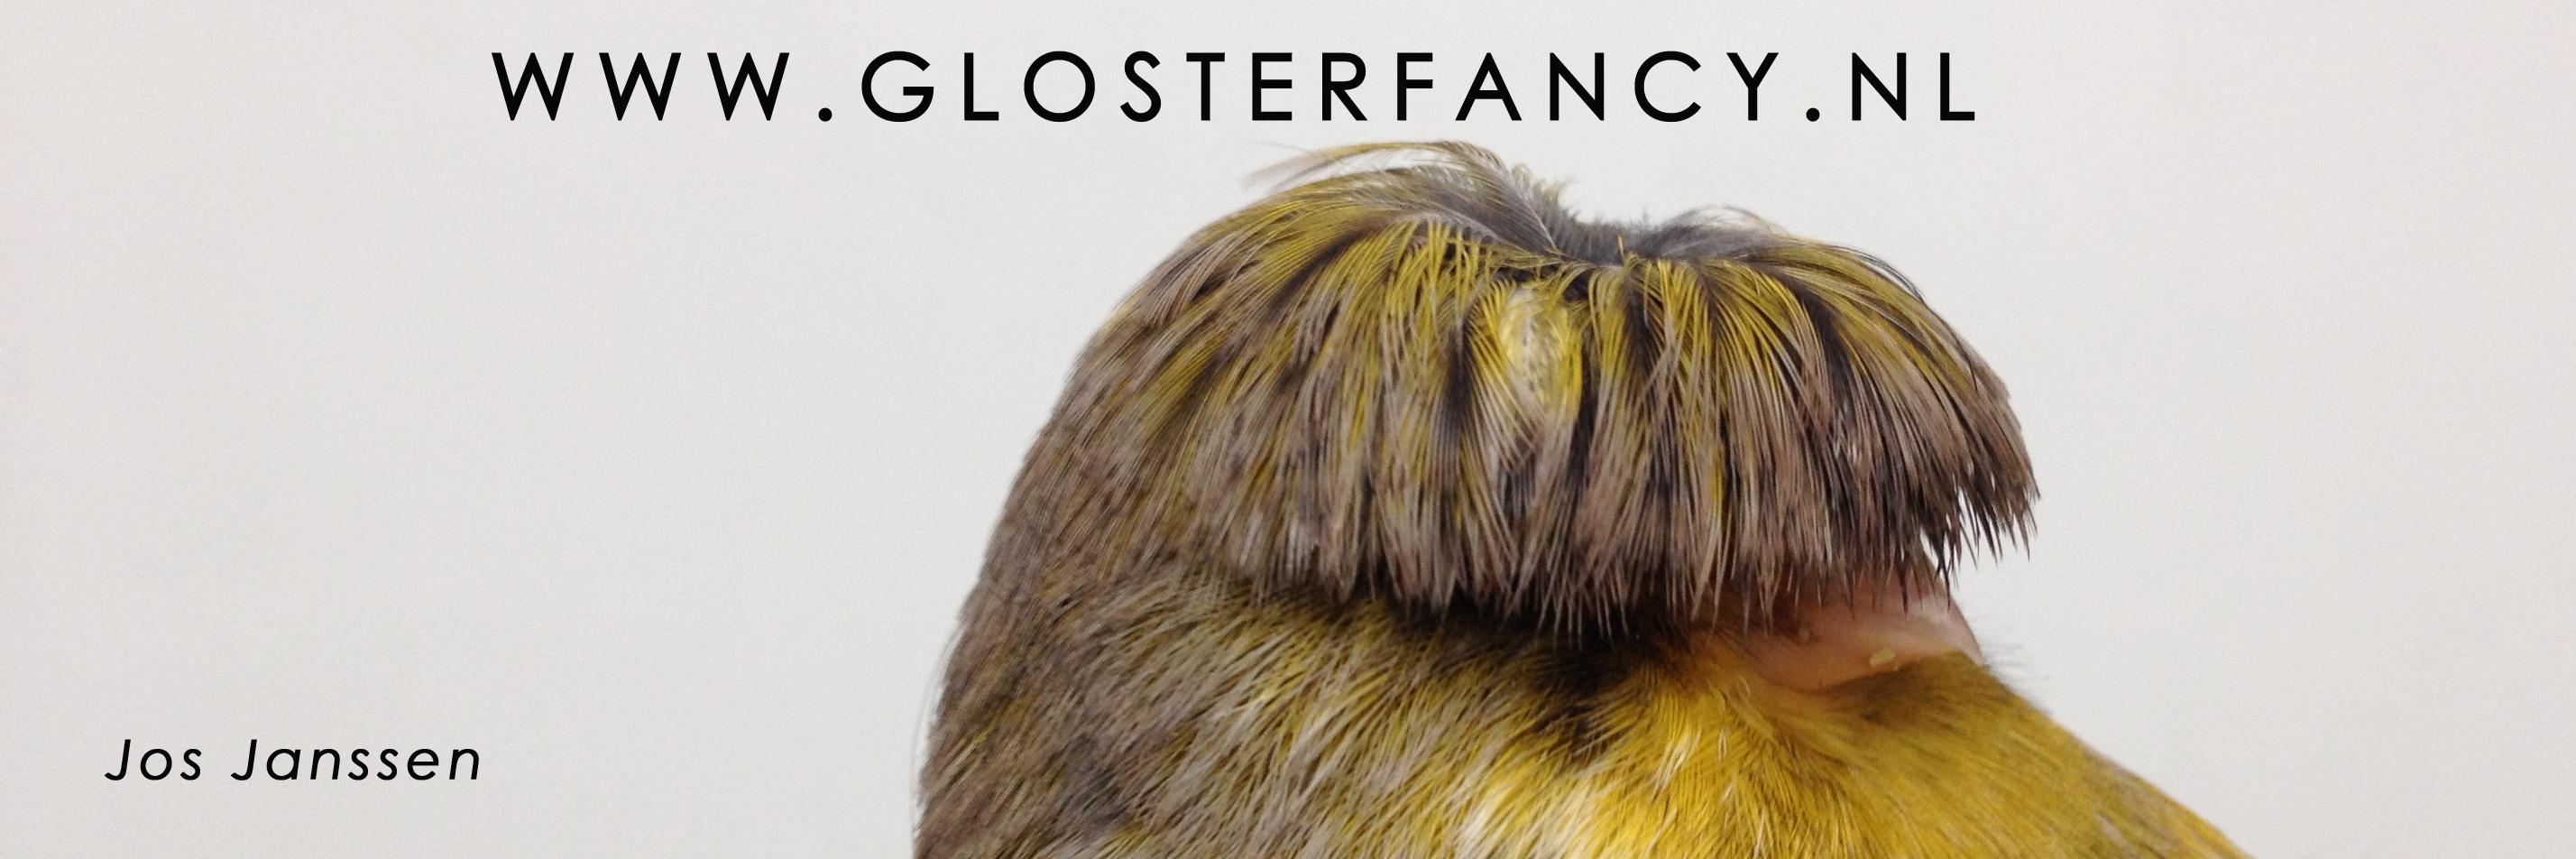 WWW.GLOSTERFANCY jpg 2